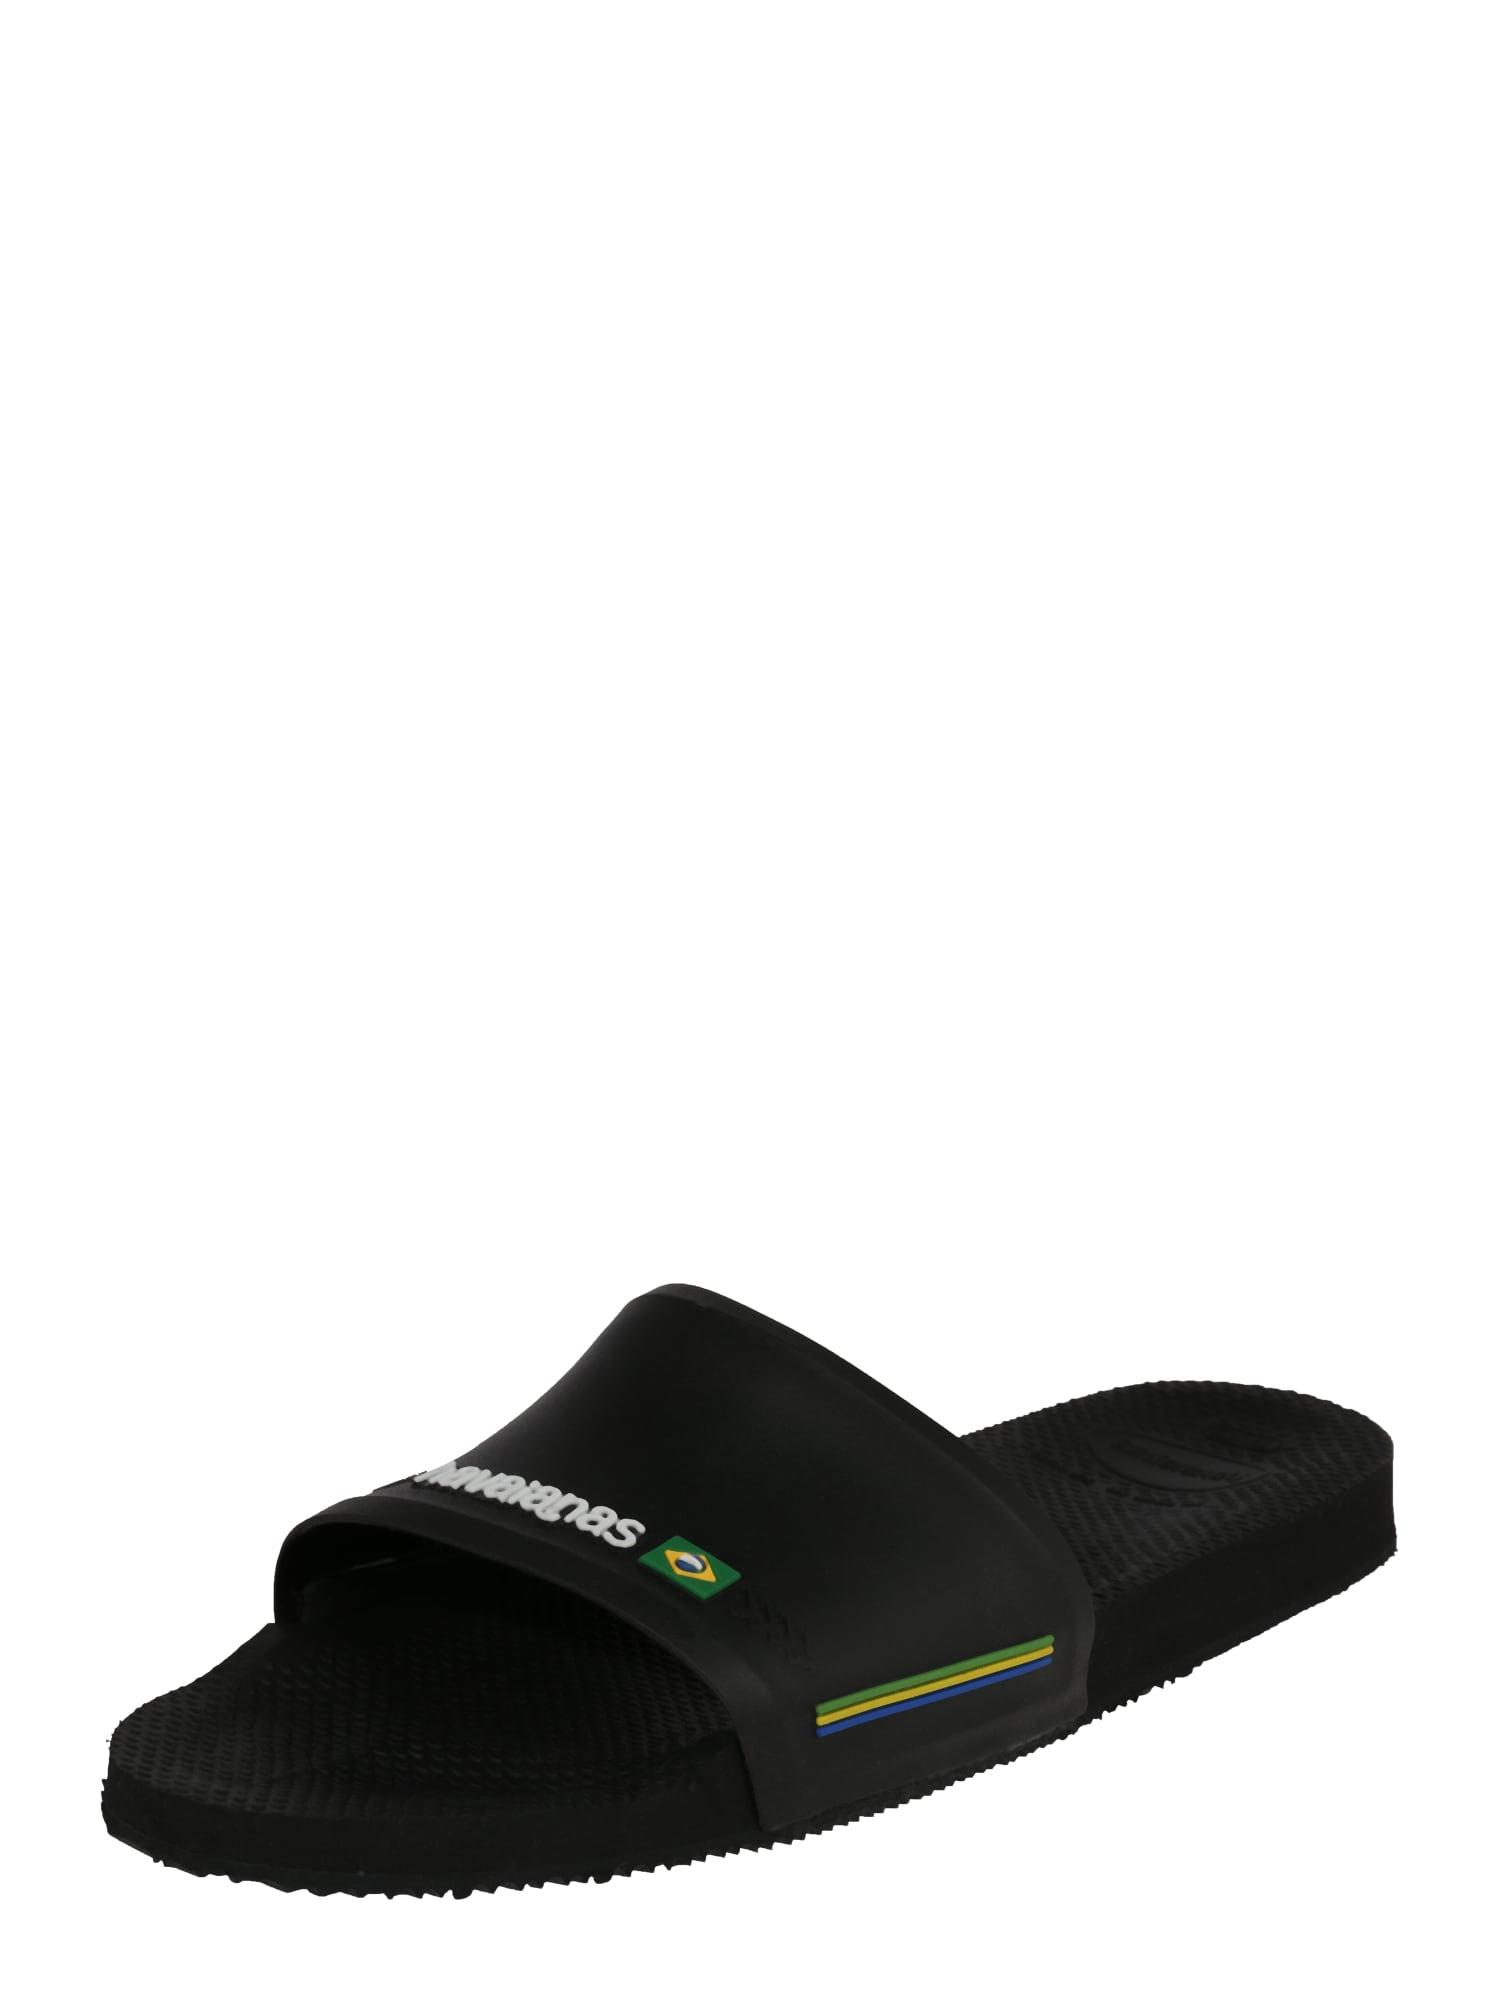 Pantofle Slide Brasil černá bílá HAVAIANAS